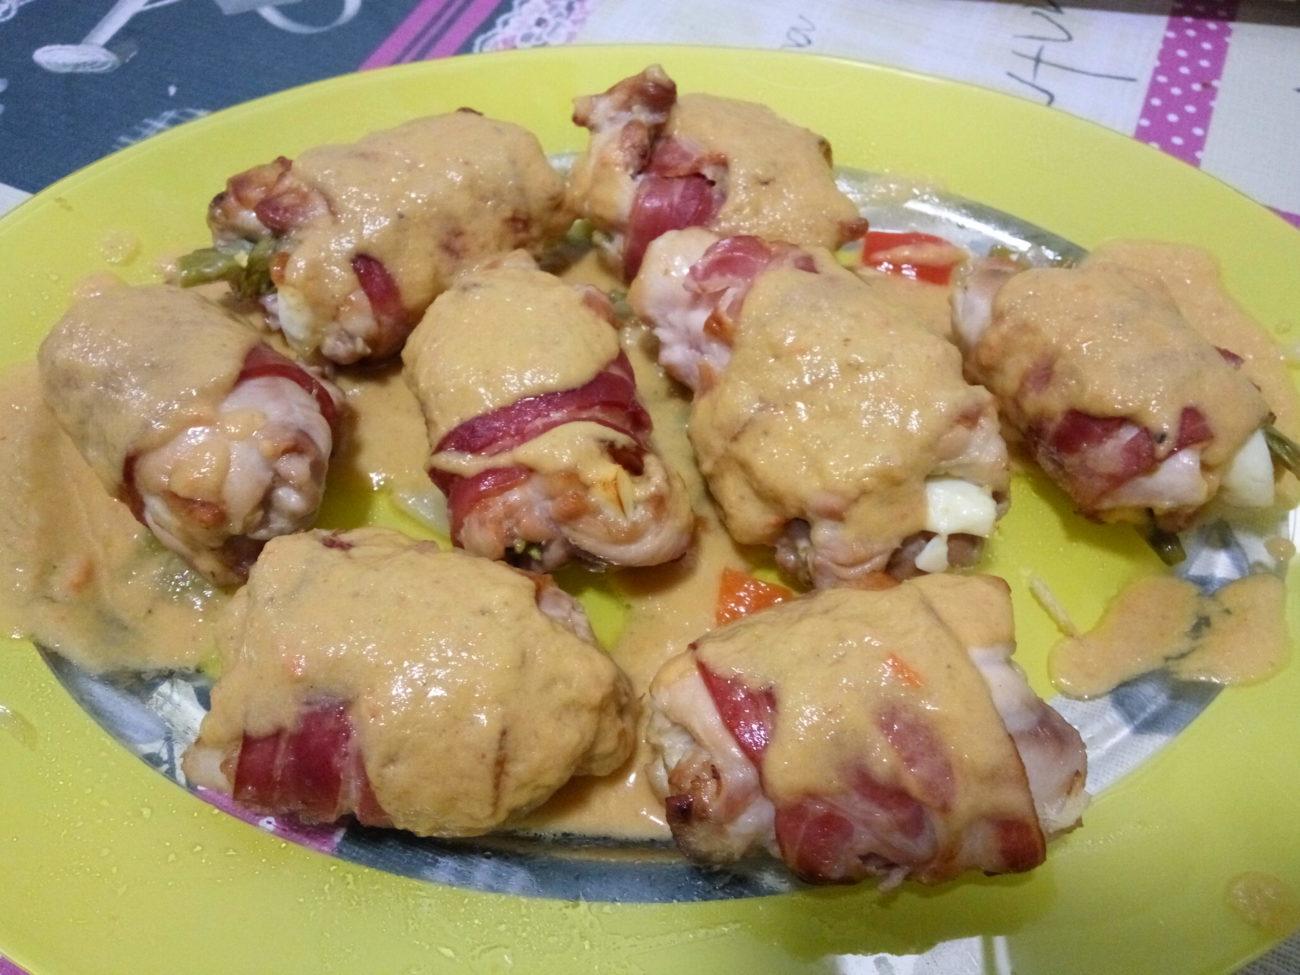 Rollitos de pollo con trigueros